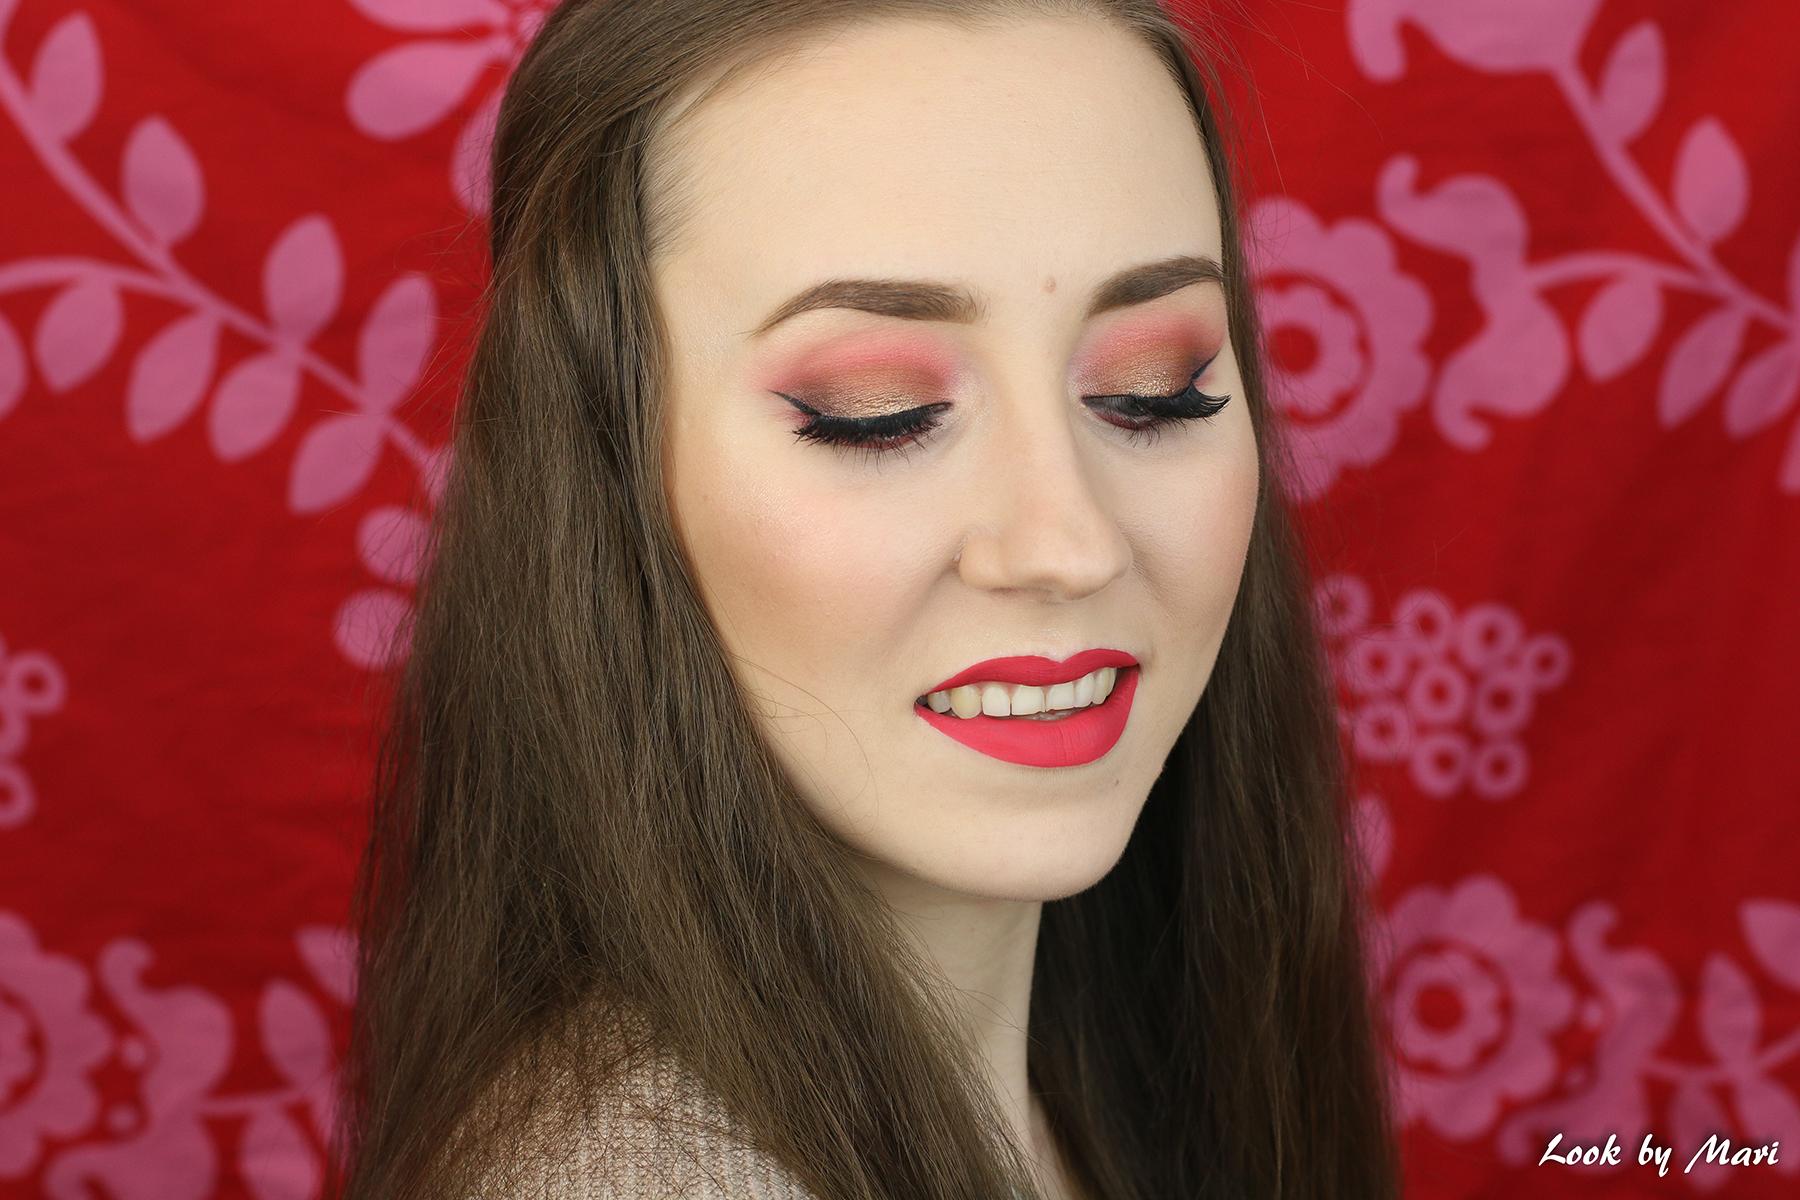 2 ystävänpäivä meikki ideoita ideat kevyt pehmeä ilta juhla meikki tutoriaali essence meikit kokemuksia kasvoilla hyvät